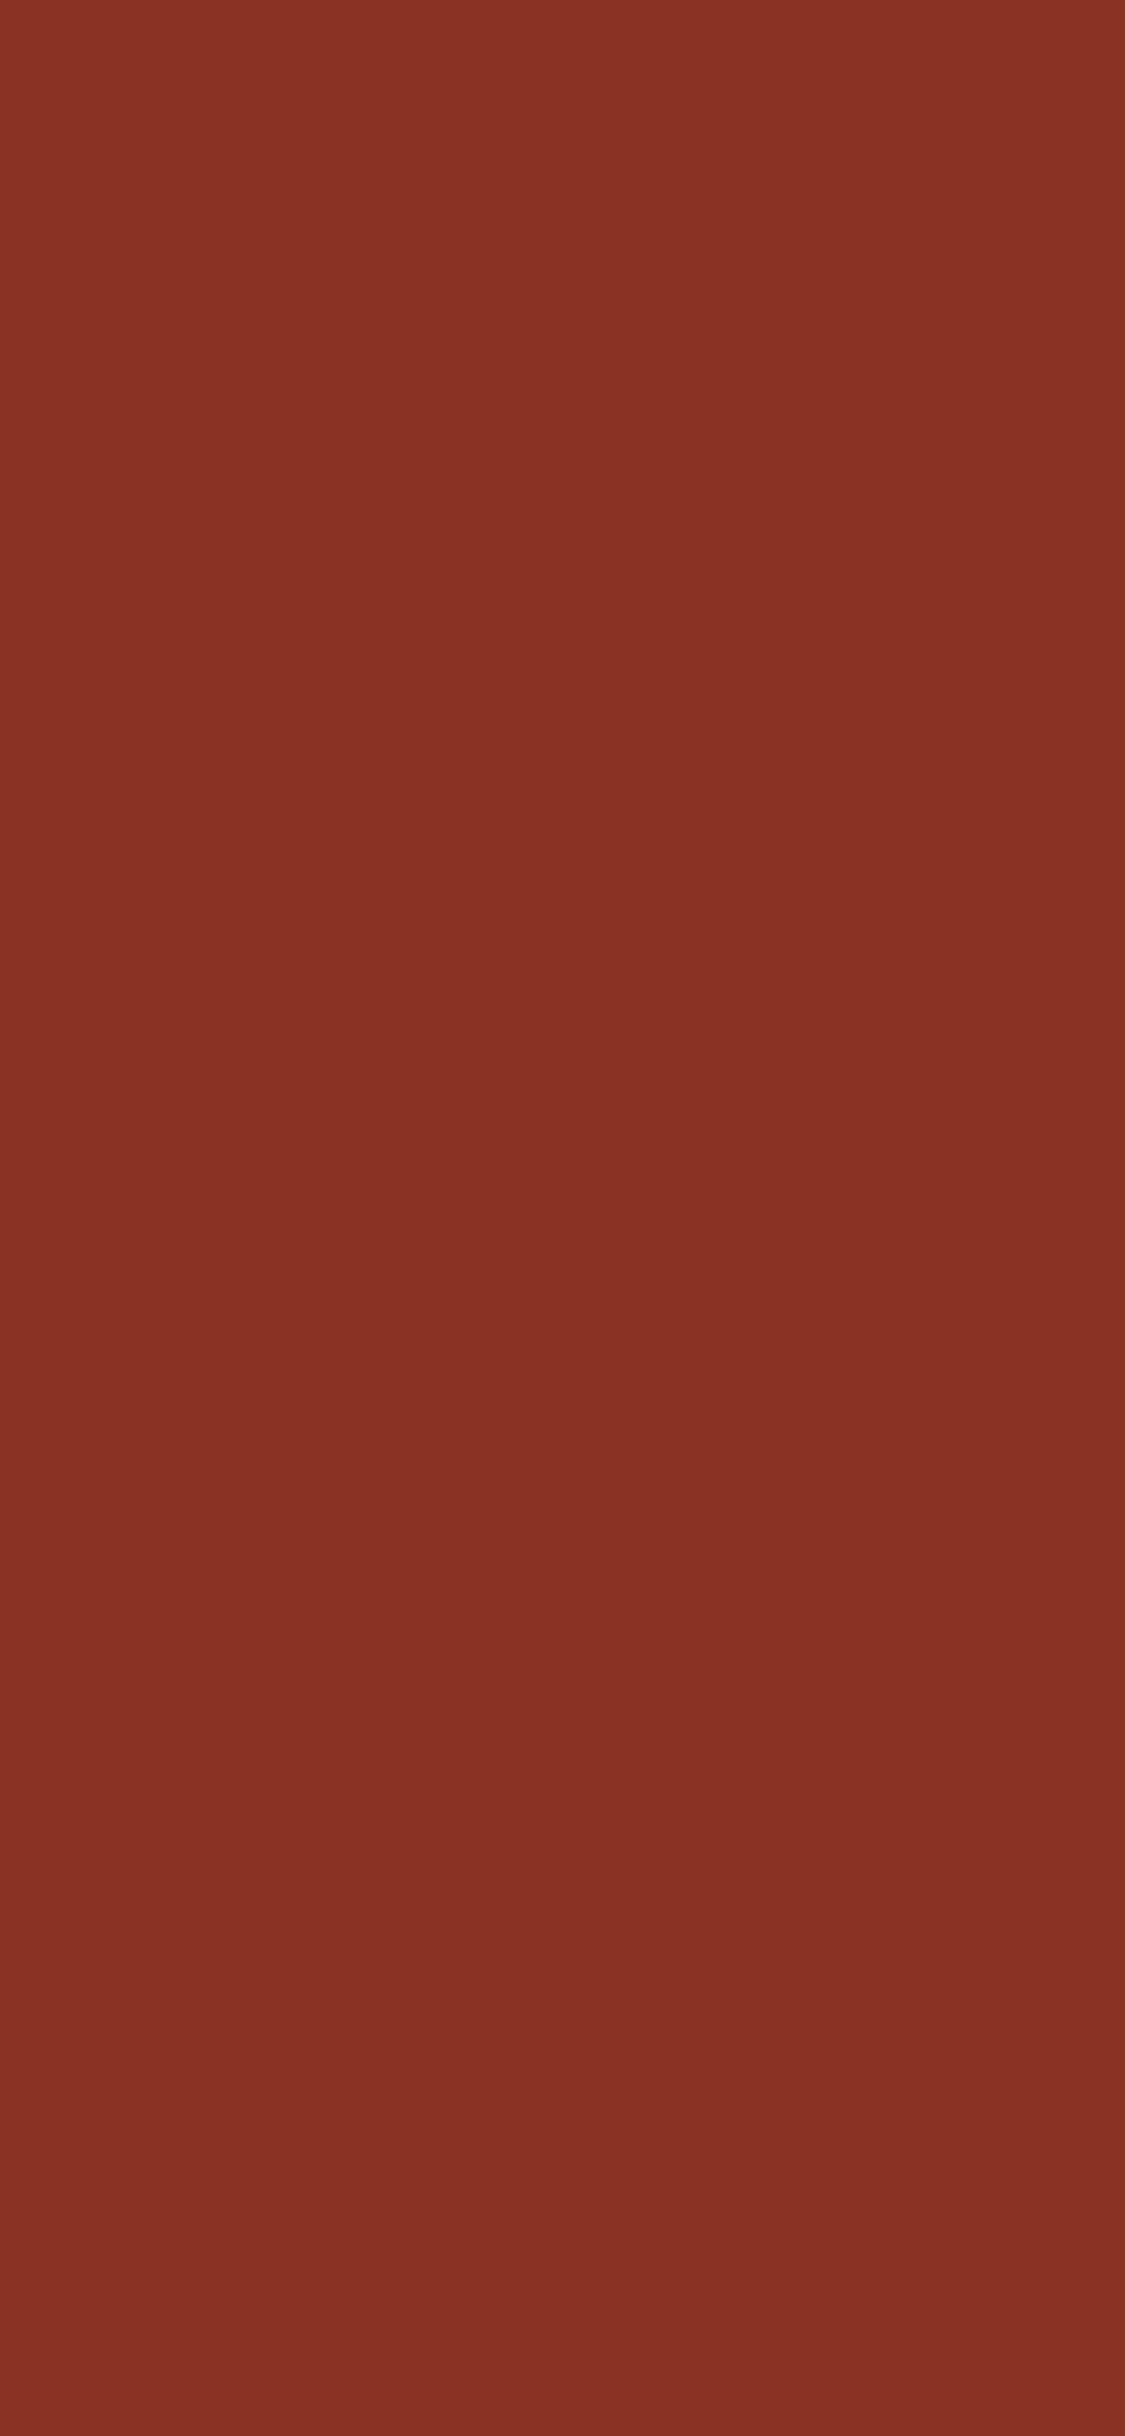 1125x2436 Burnt Umber Solid Color Background